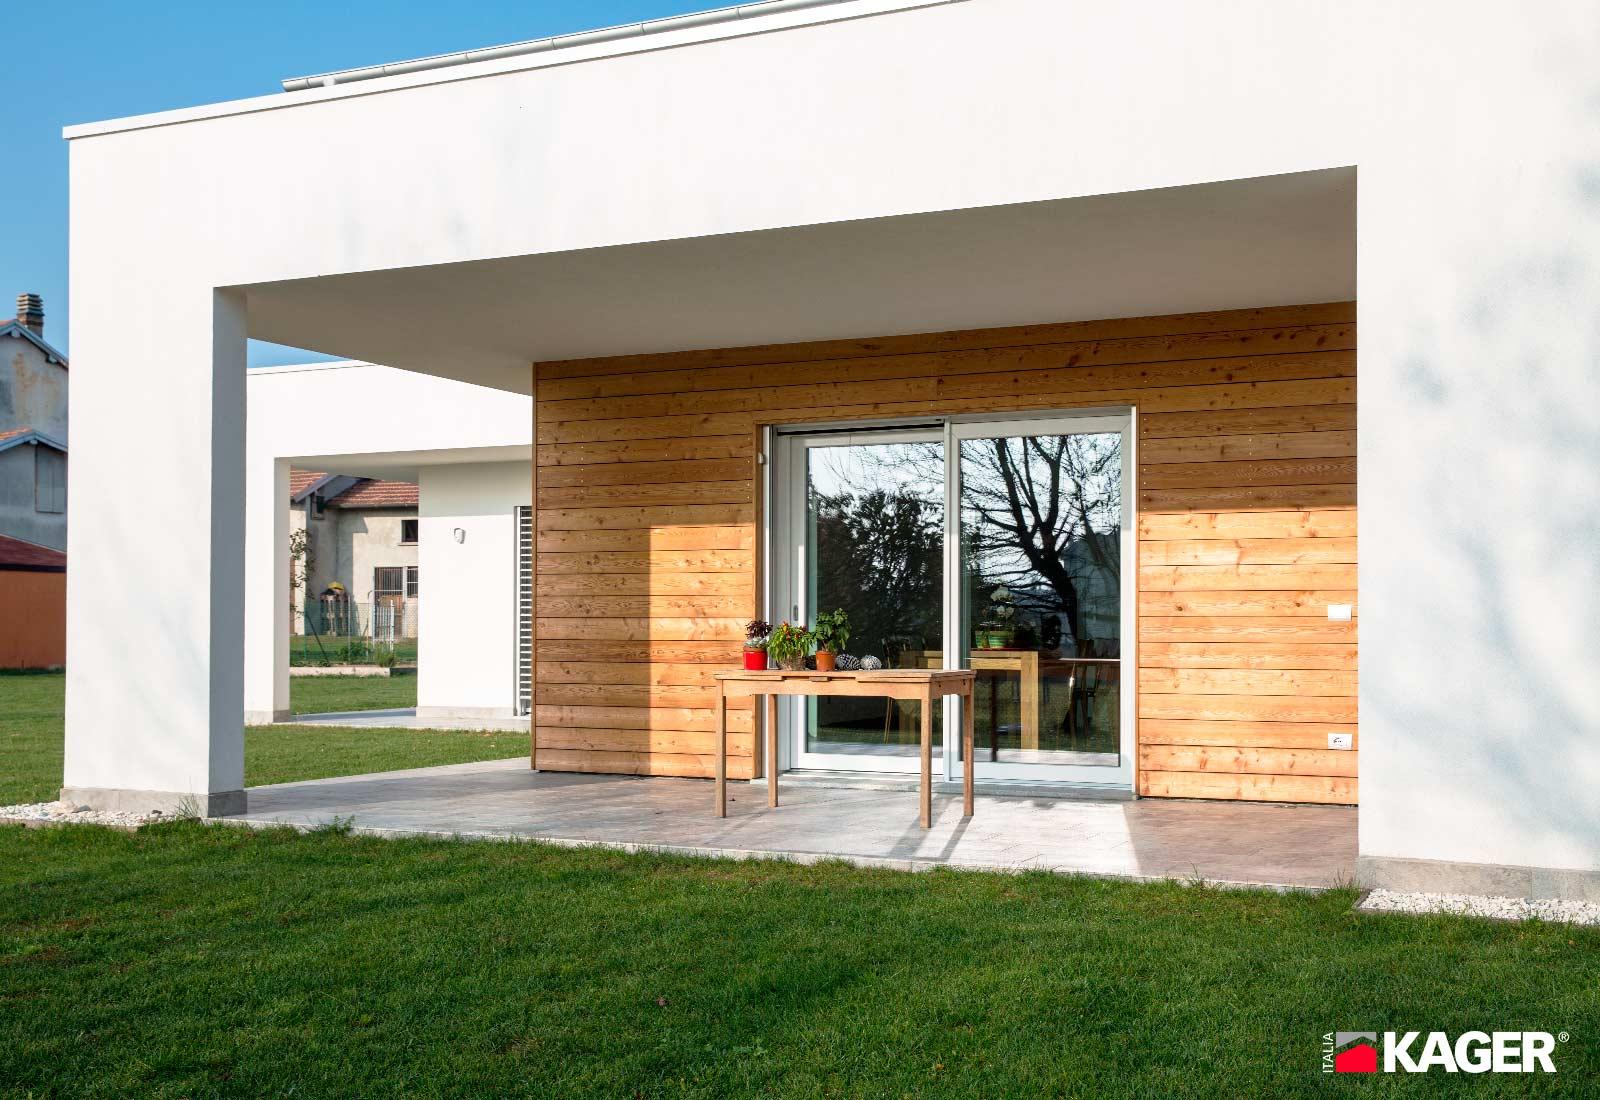 Casa-in-legno-Brebbia-Kager-Italia-04